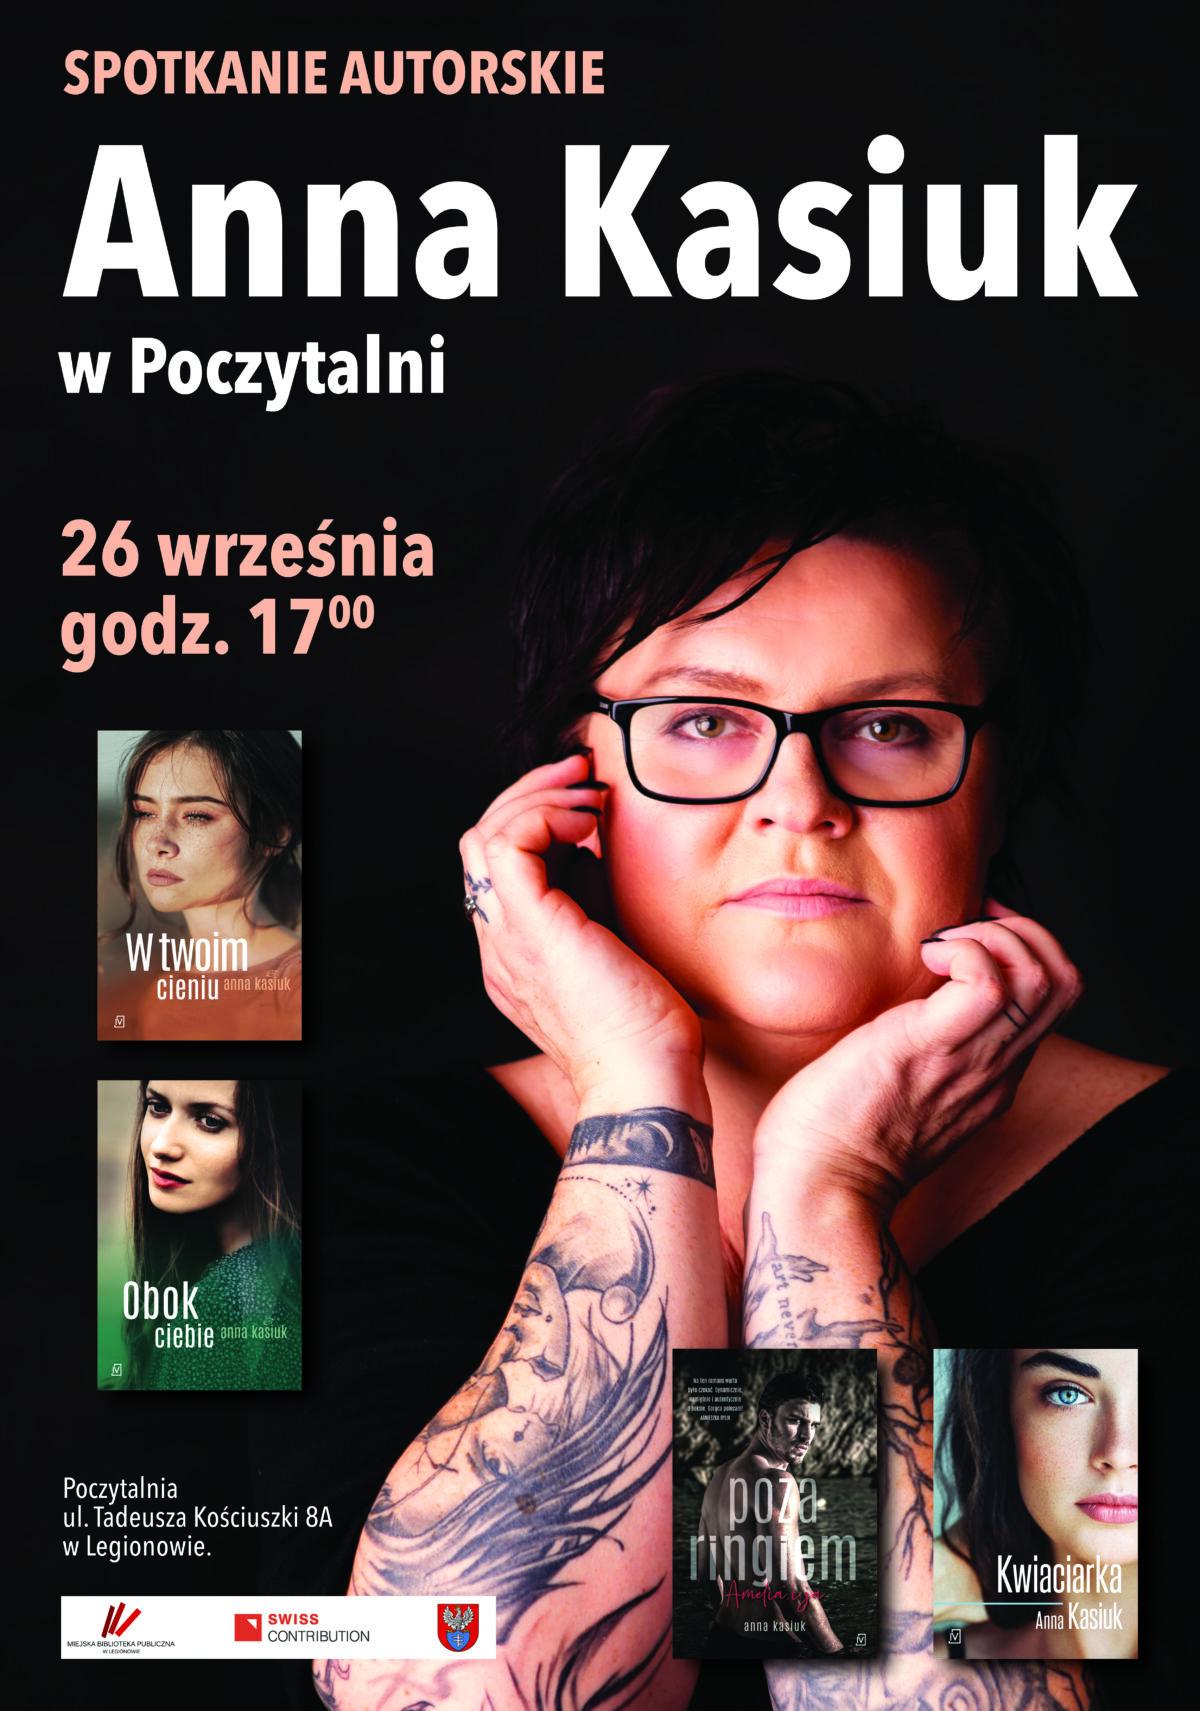 """Na plakacie na pierwszym planie zdjęcie autorki, napis """"Anna Kasiuk w Poczytalnia. 26 września godz. 17.00"""". Mniej wyróżnione okładki książek: """"W Twoim cieniu"""", """"Obok ciebie"""", """"Poza ringiem"""", """"Kwiaciarka""""."""